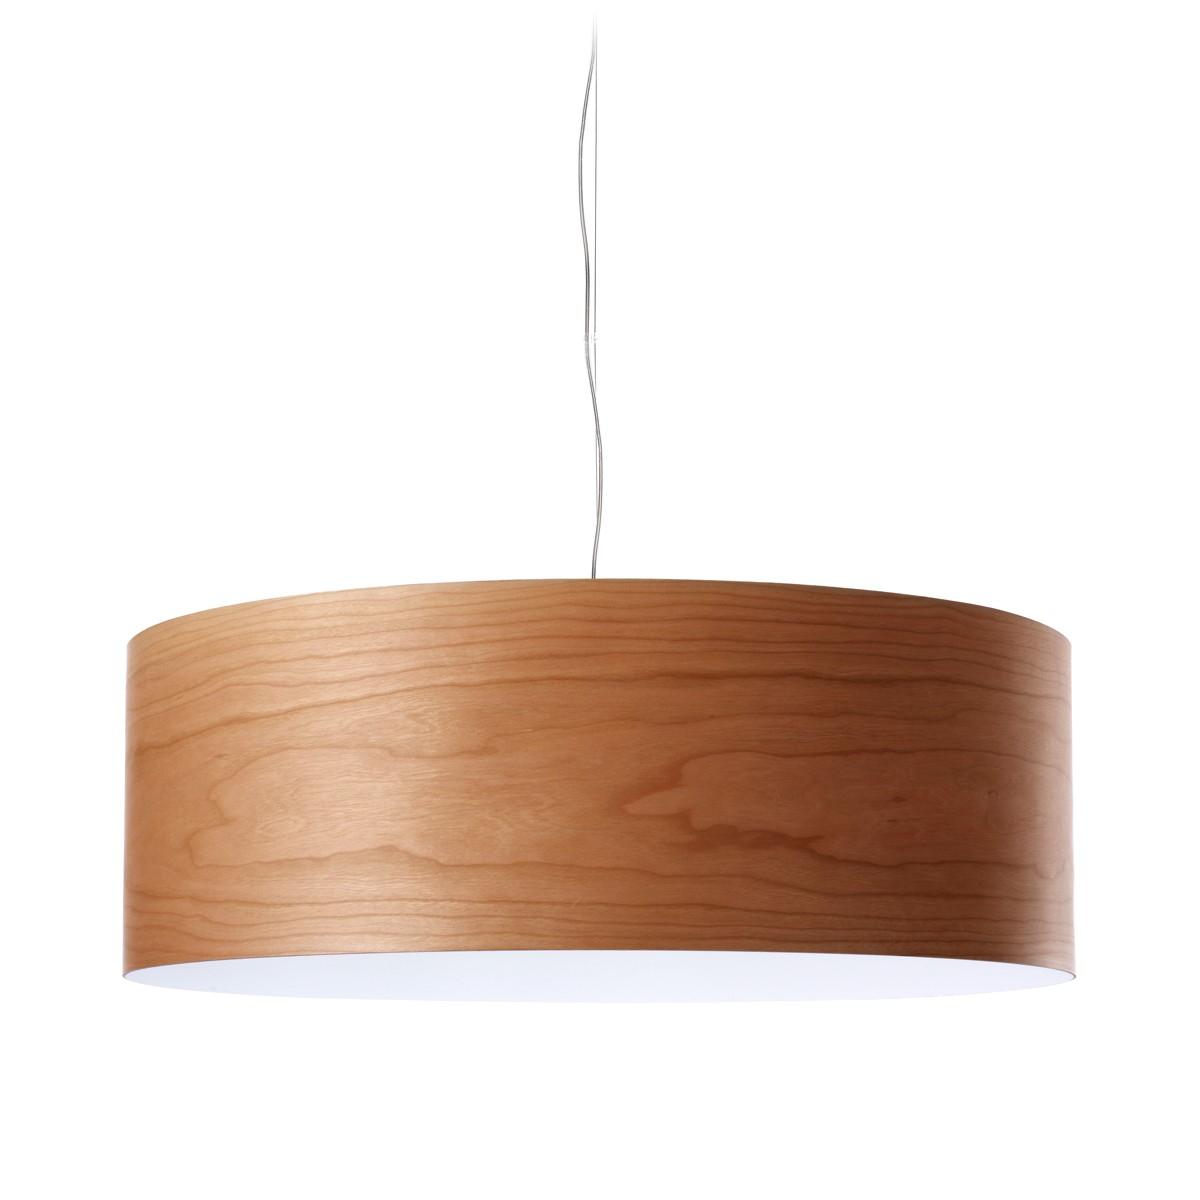 LZF Lamps Gea Large Pendelleuchte, Kirsche